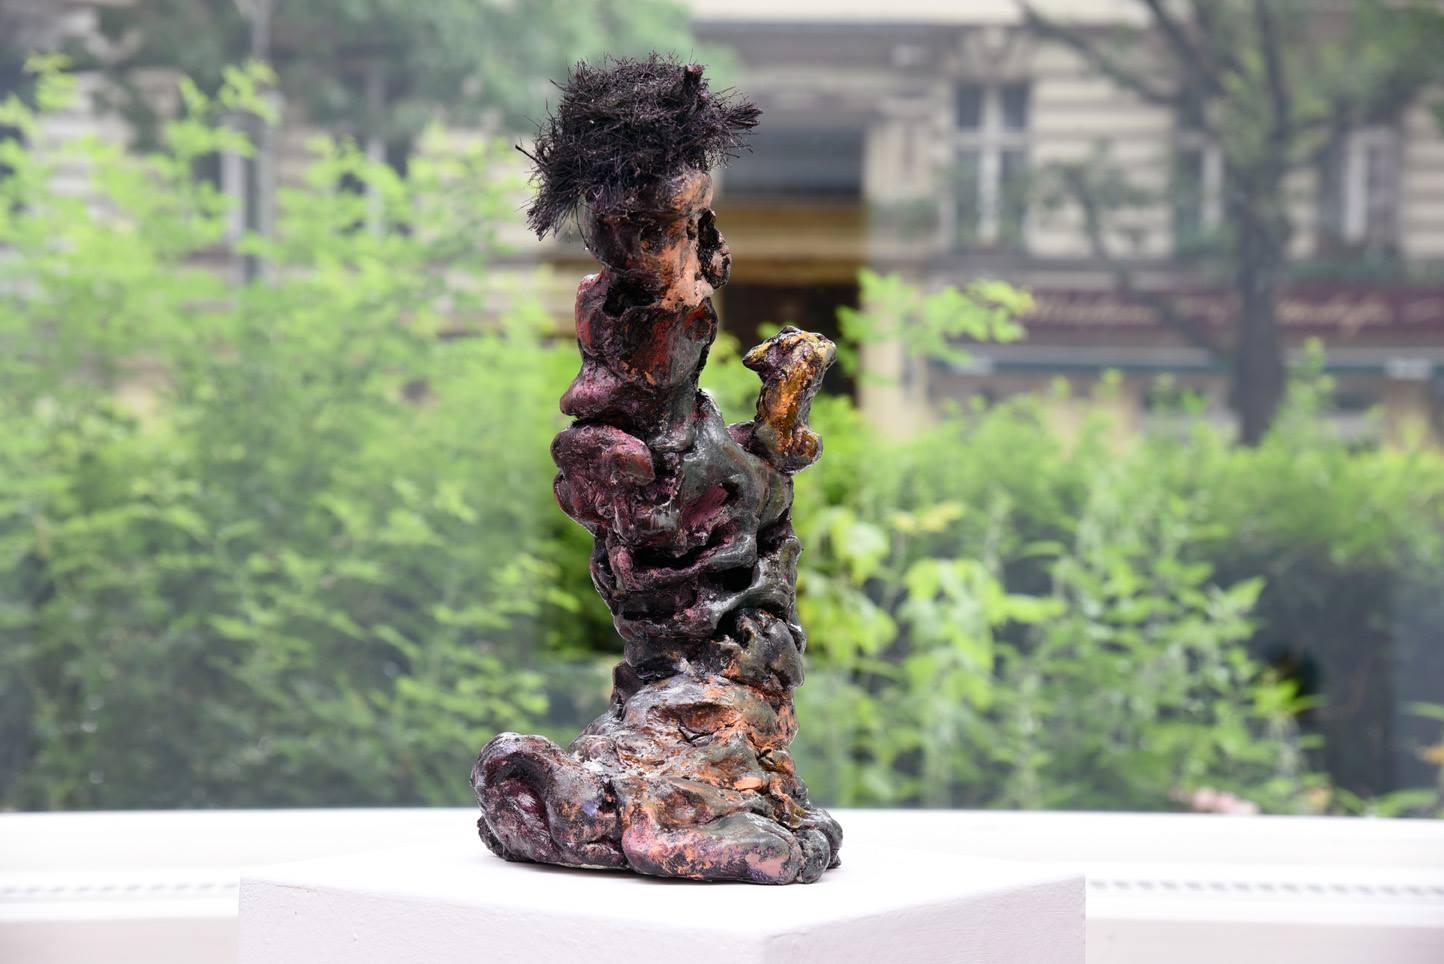 Janes Schmallenberg, Entblößung, 2016, installation view at Grimmuseum (2)